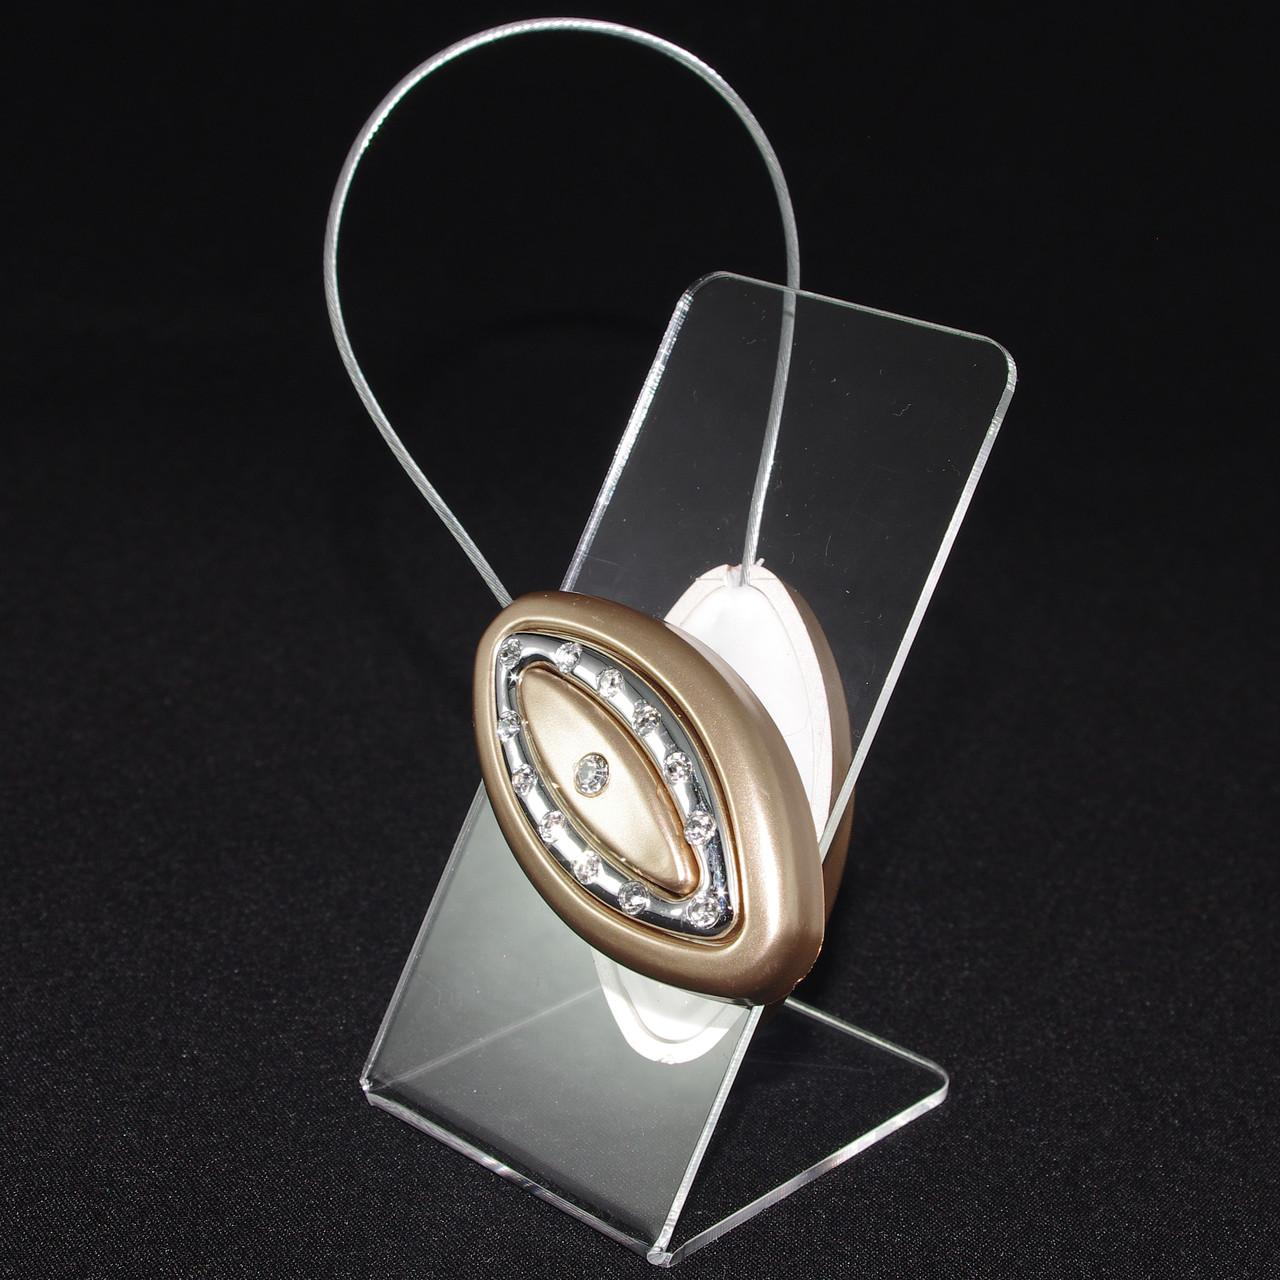 Декоративный магнит подхват держатель дляштор и тюлей на тросике 67-101